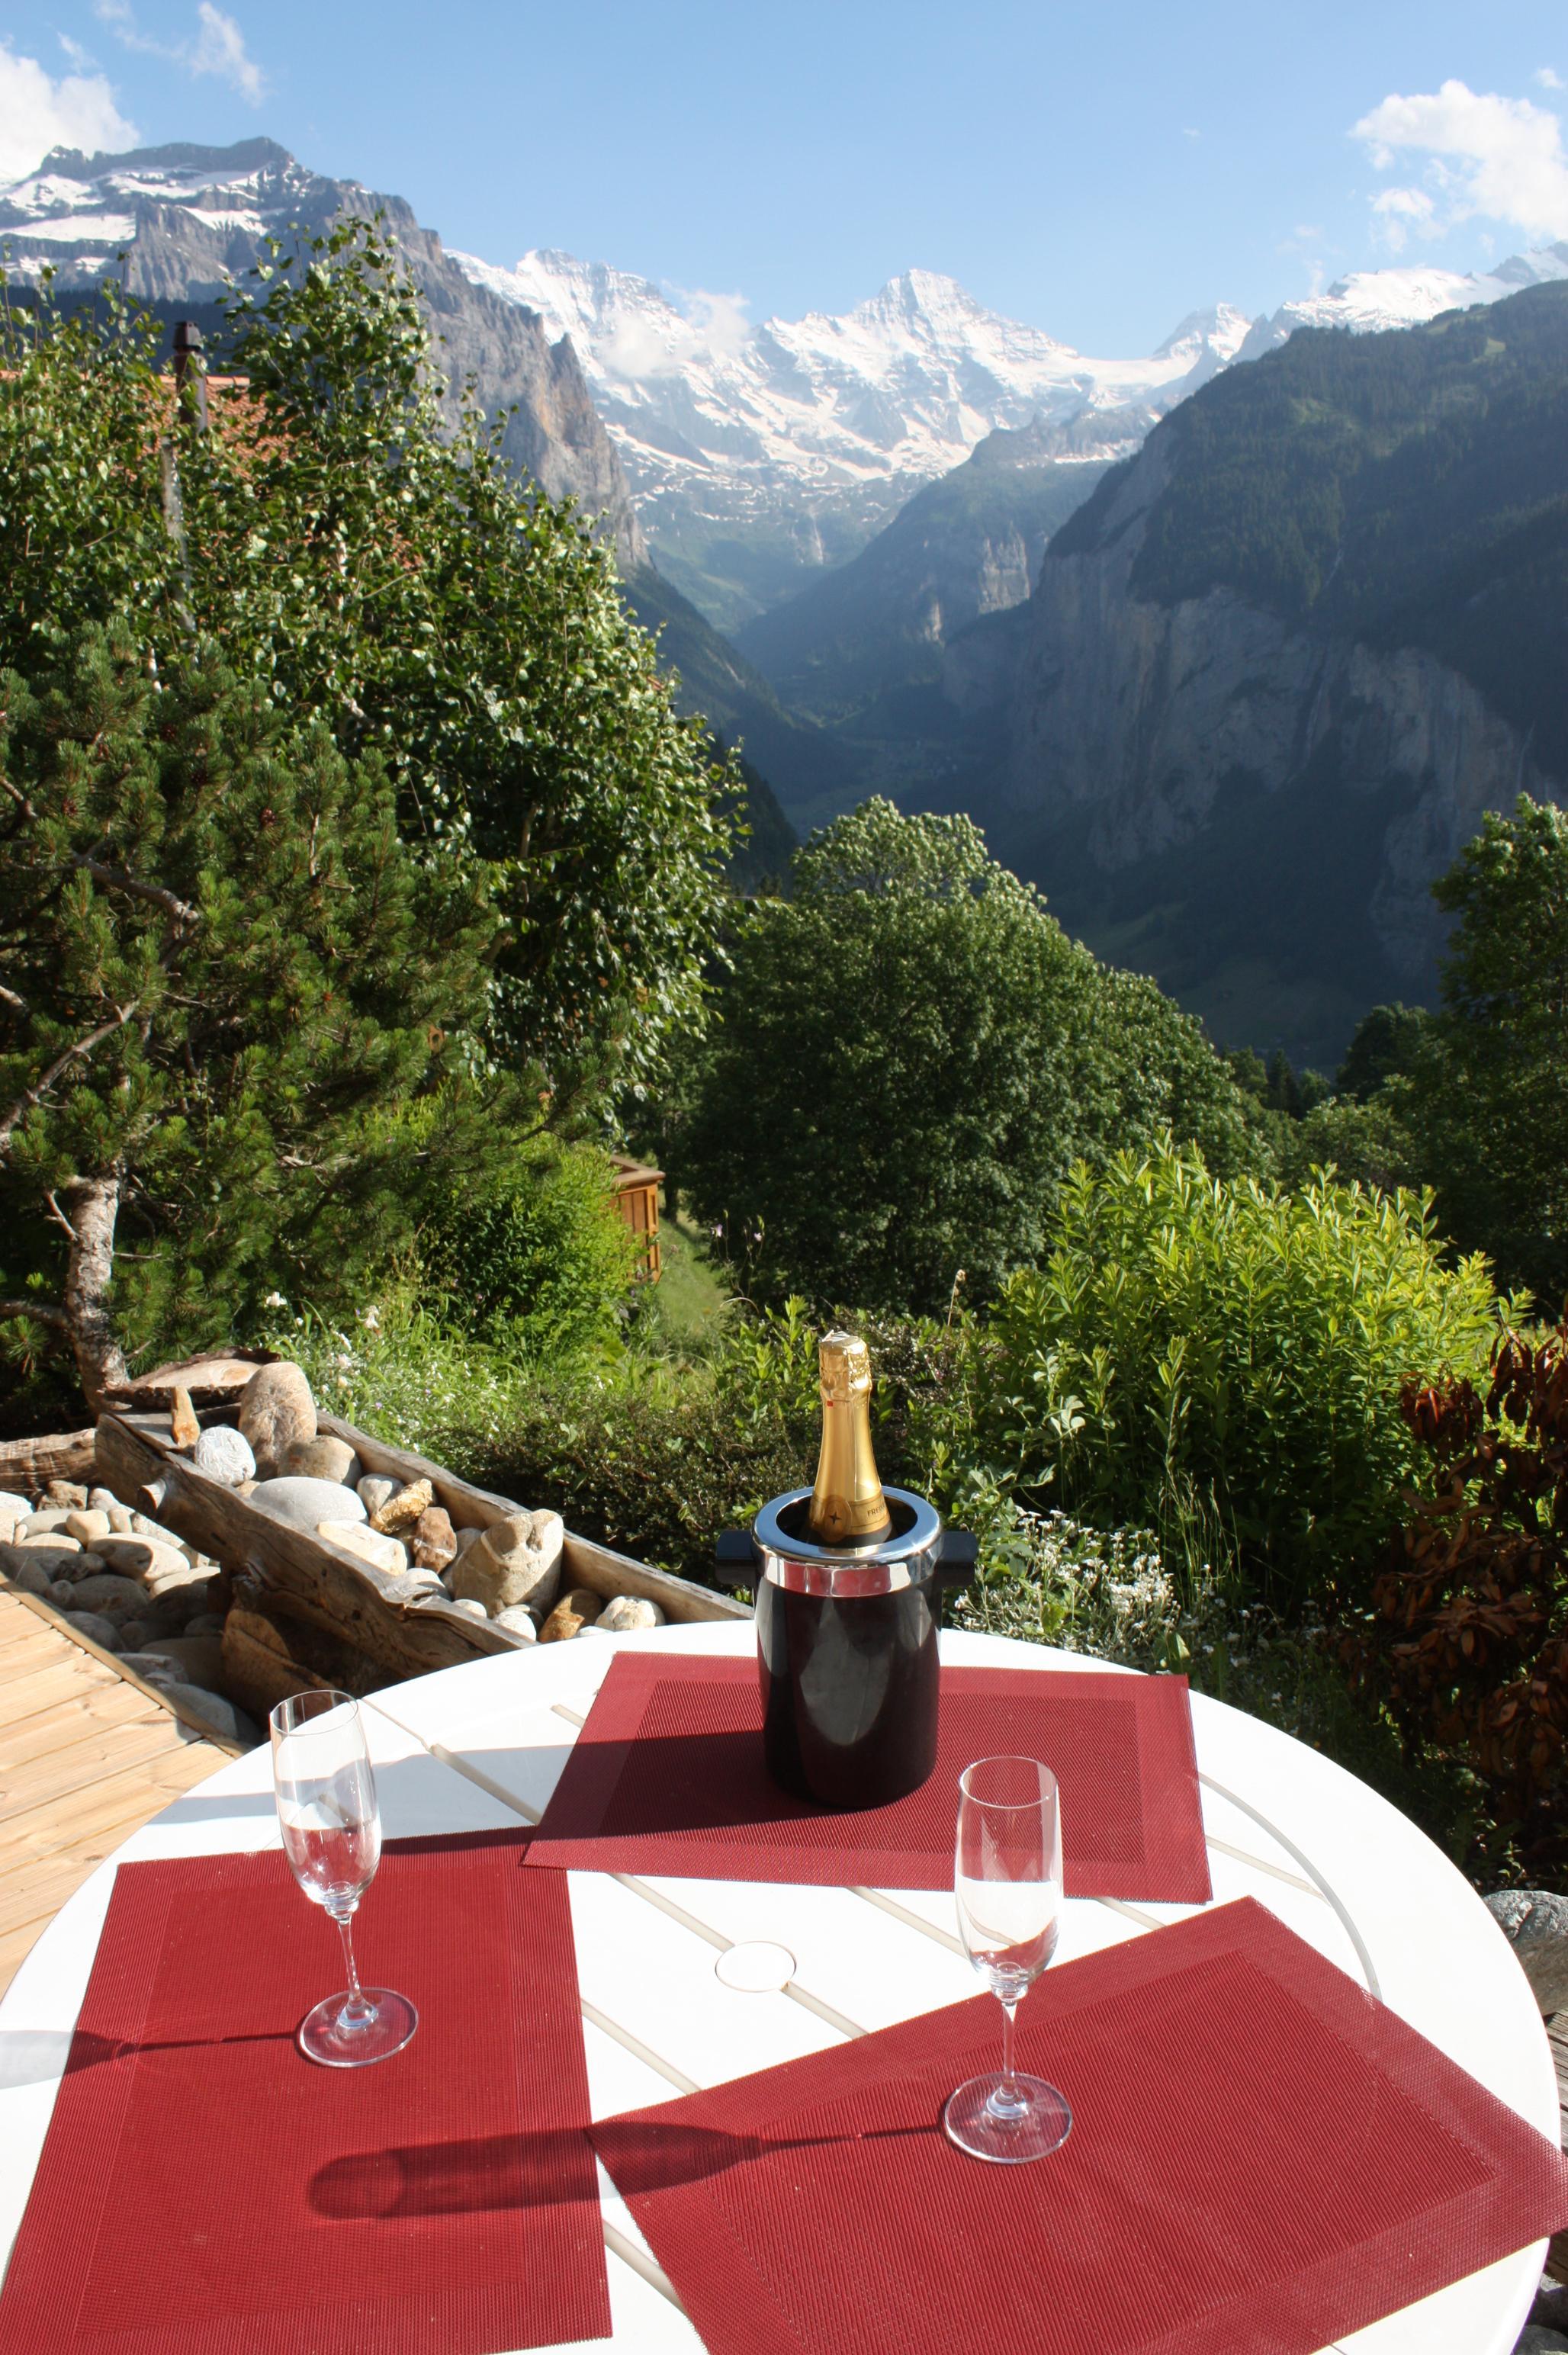 Ferienwohnung Gerbera 2 2 Bett Wohnung Obj. W2022 (887288), Wengen, Jungfrauregion, Berner Oberland, Schweiz, Bild 11